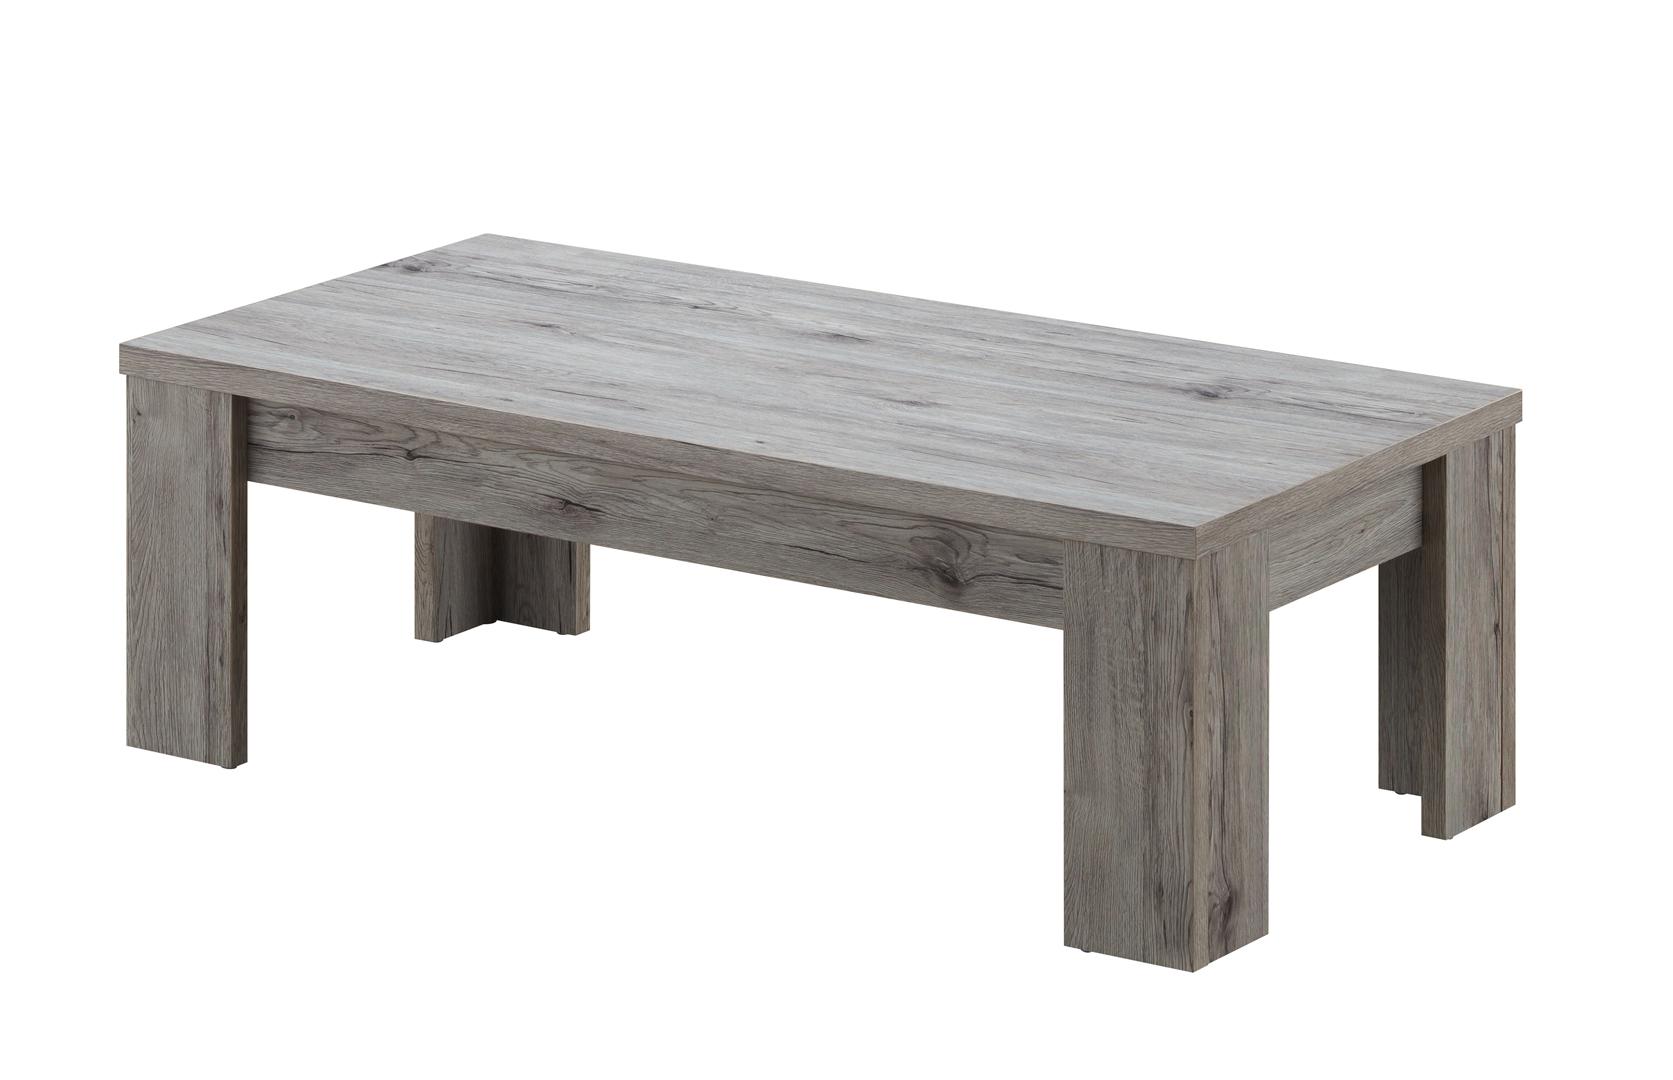 Table basse contemporaine rectangulaire chêne rustique Maggie